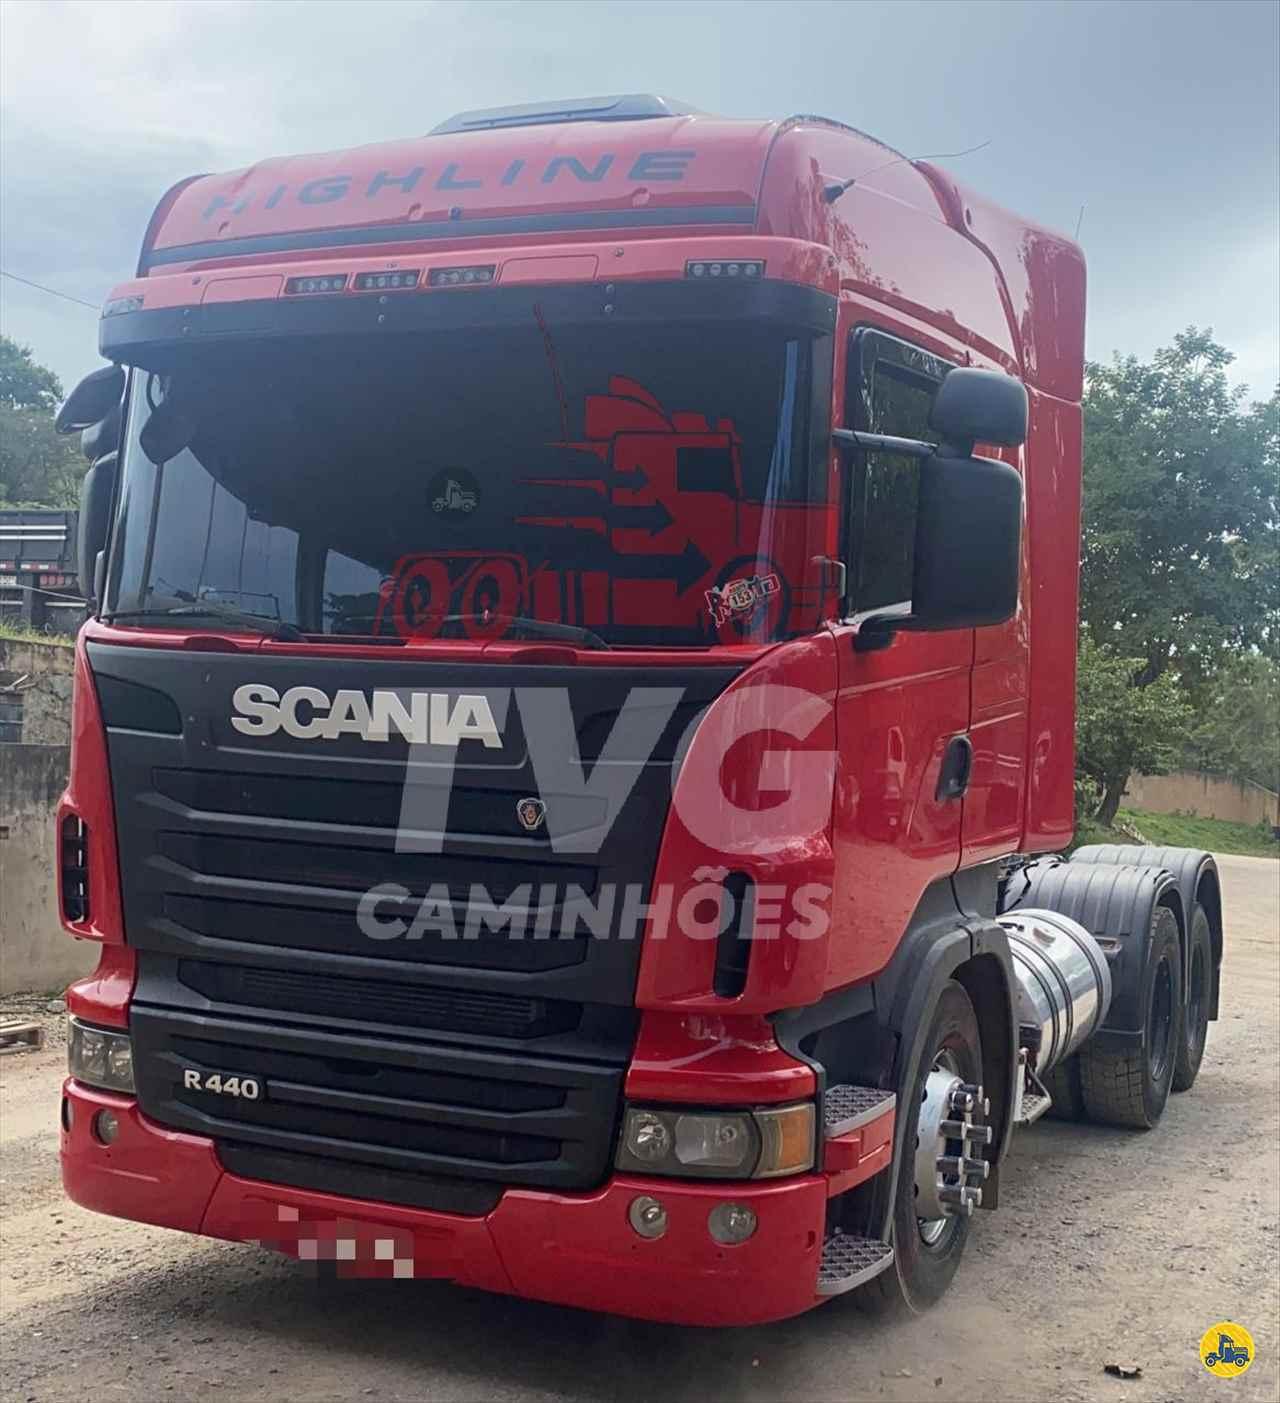 SCANIA SCANIA 440  2013/2013 TVG Caminhões